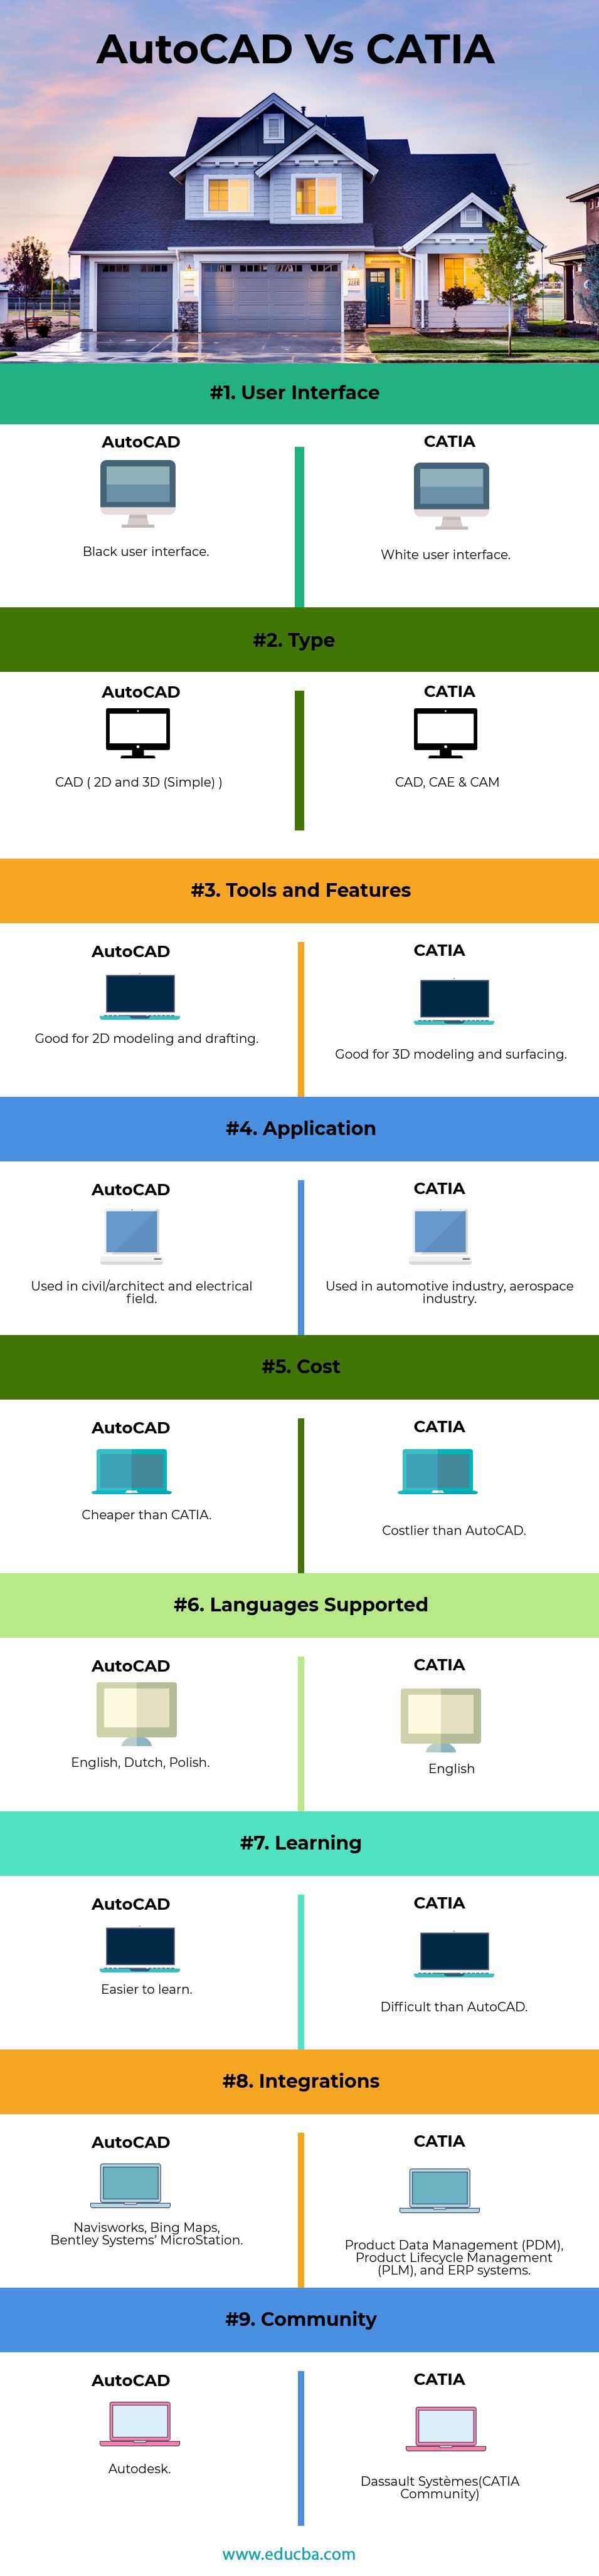 AutoCAD-Vs-CATIA-info